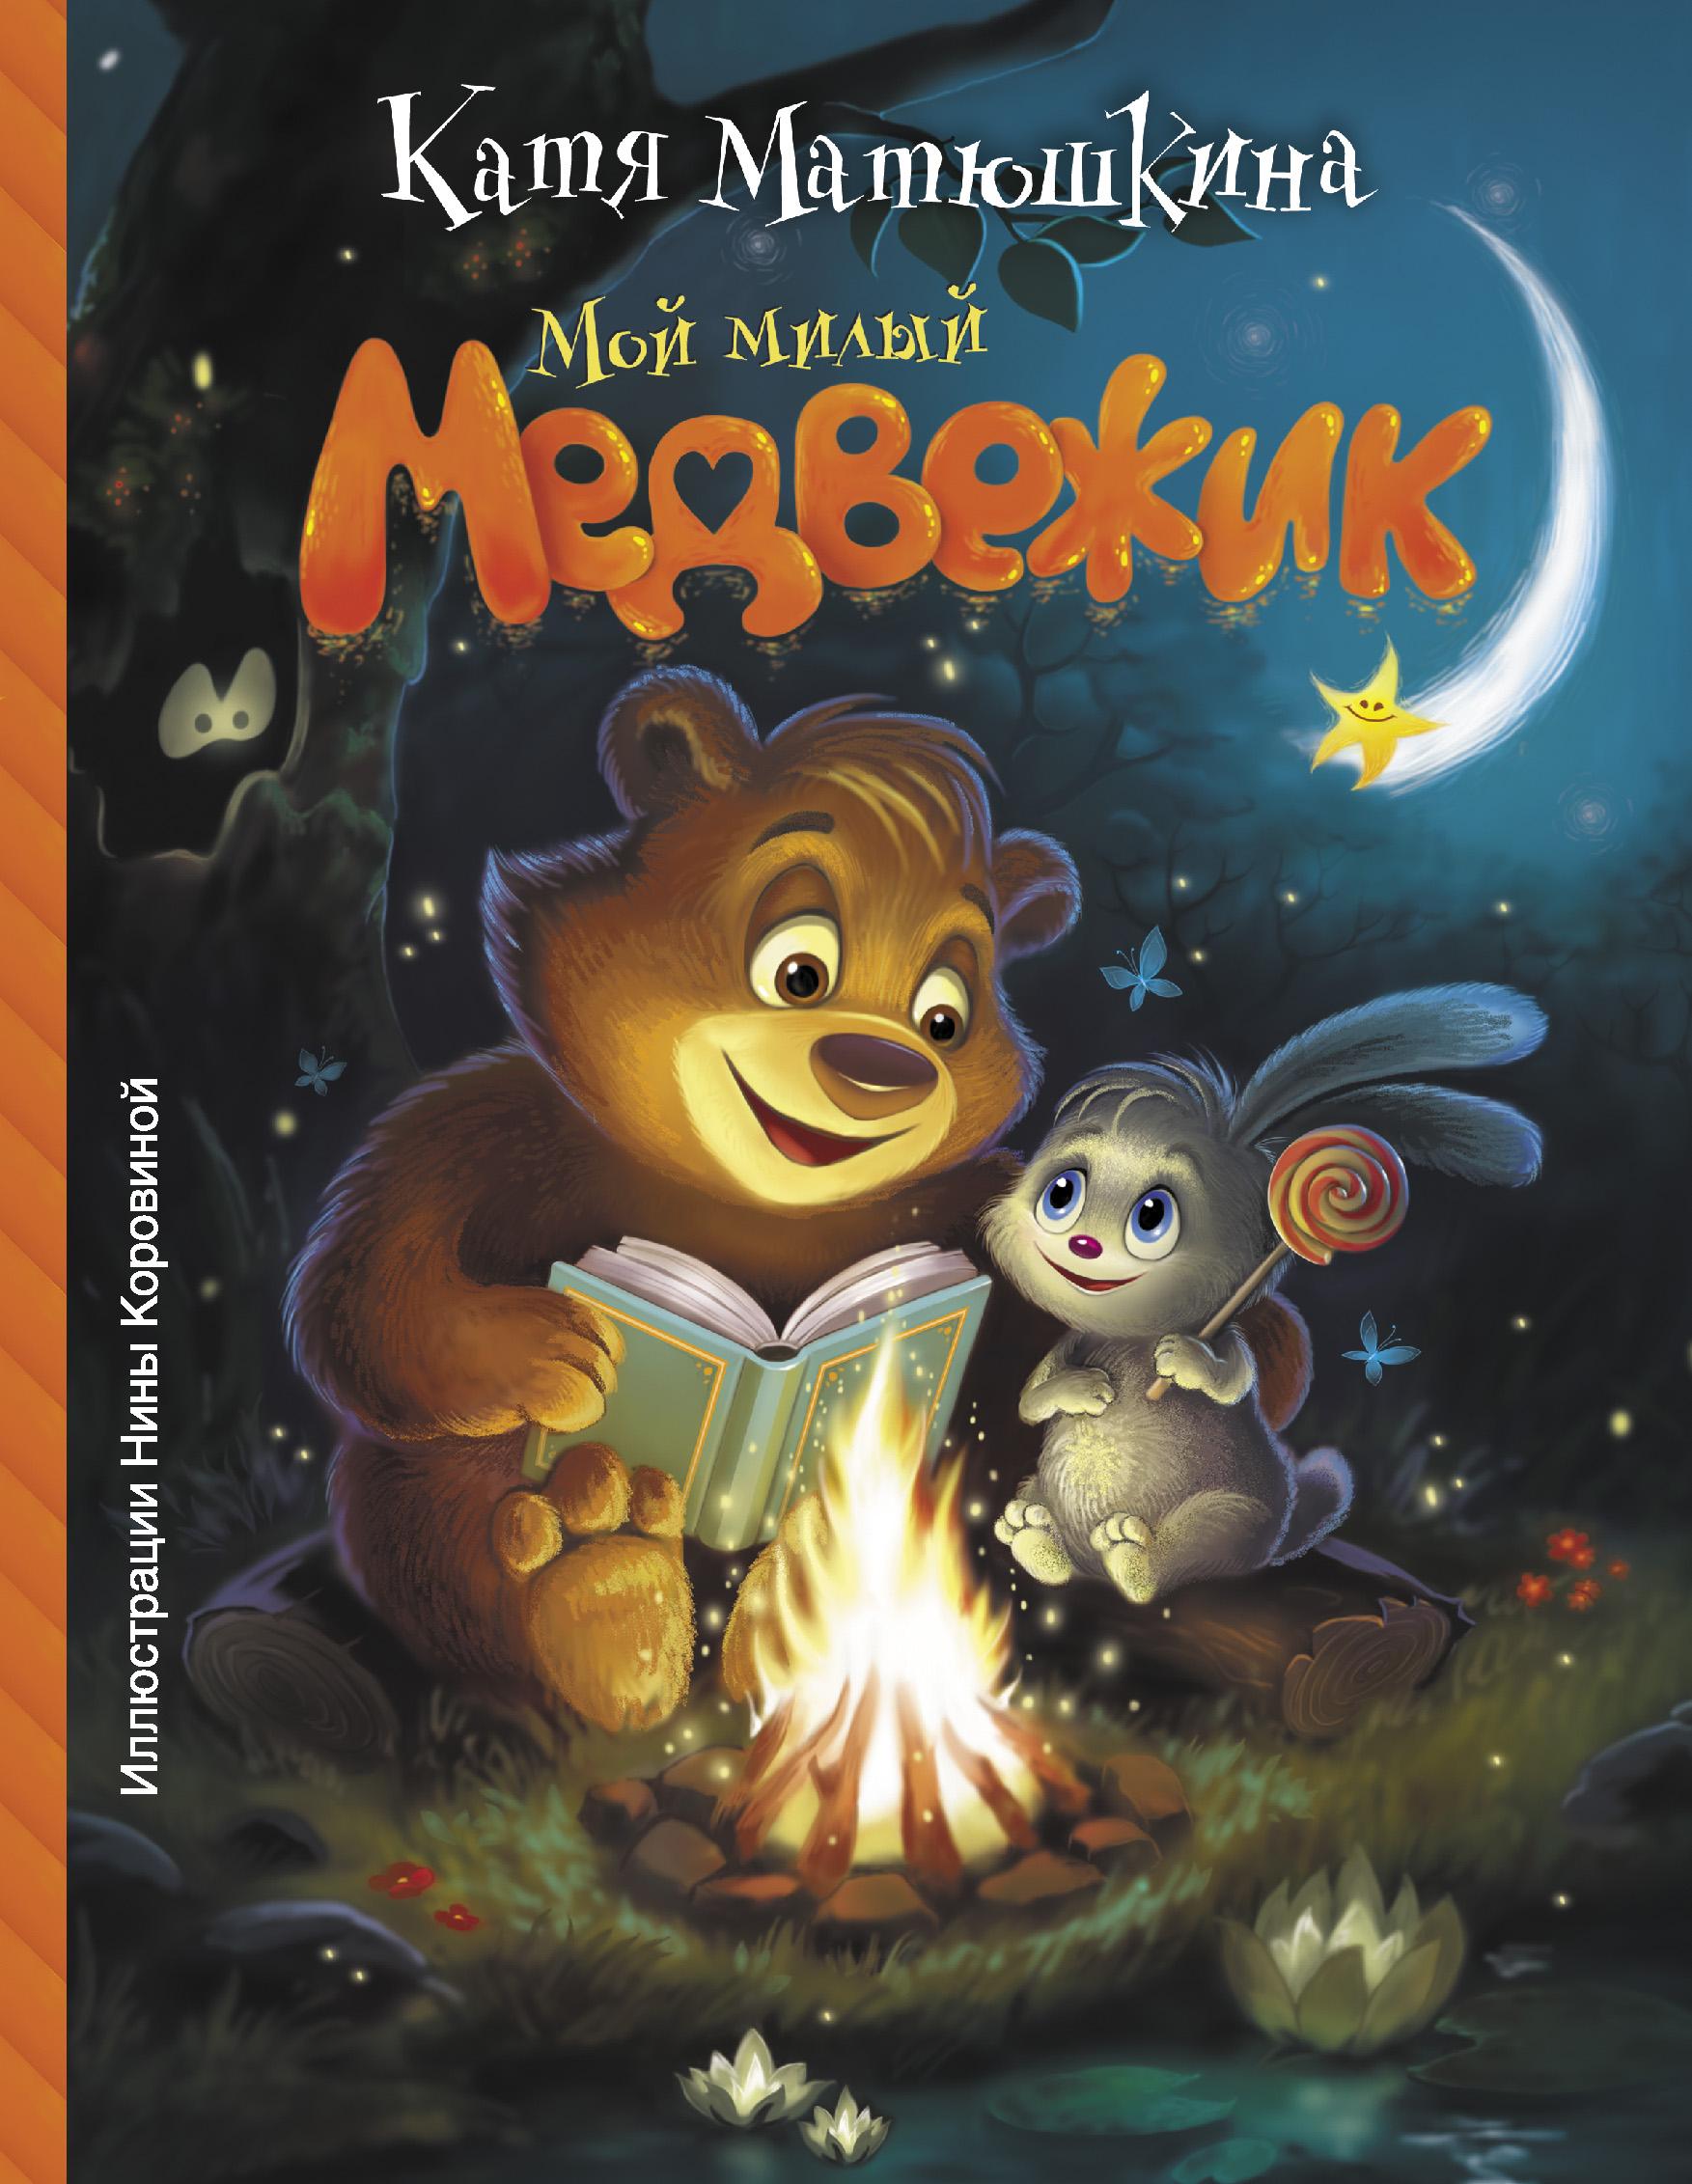 Катя Матюшкина Мой милый Медвежик издательство аст сказка мой милый медвежик катя матюшкина